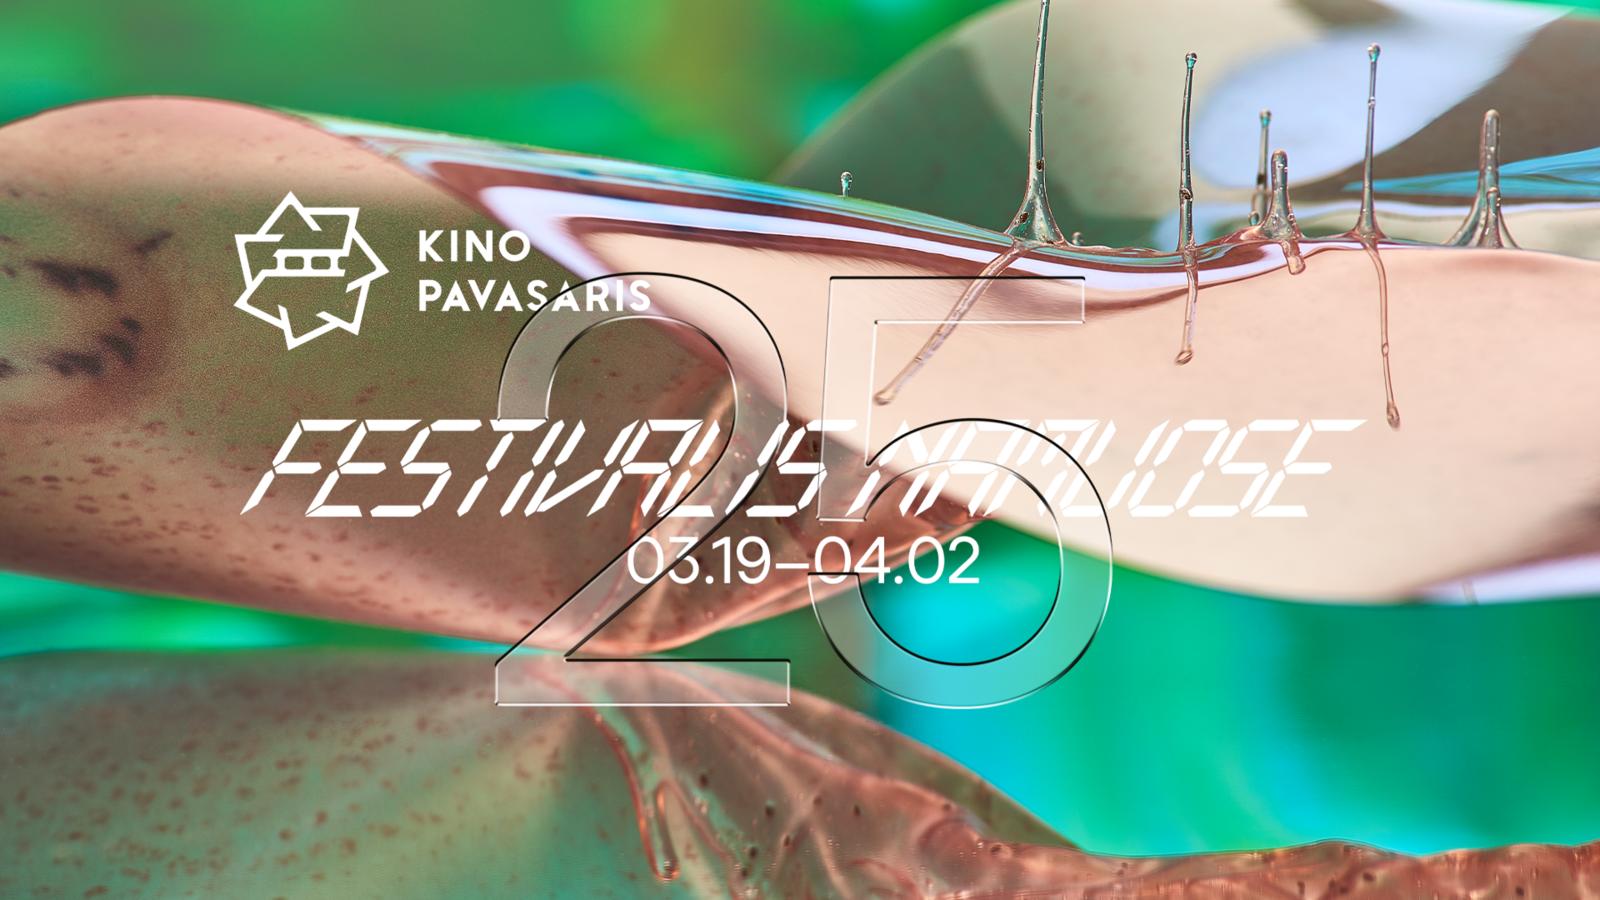 """""""Kino pavasaris"""" kviečia į virtualiąją festivalio atidarymo ceremoniją"""